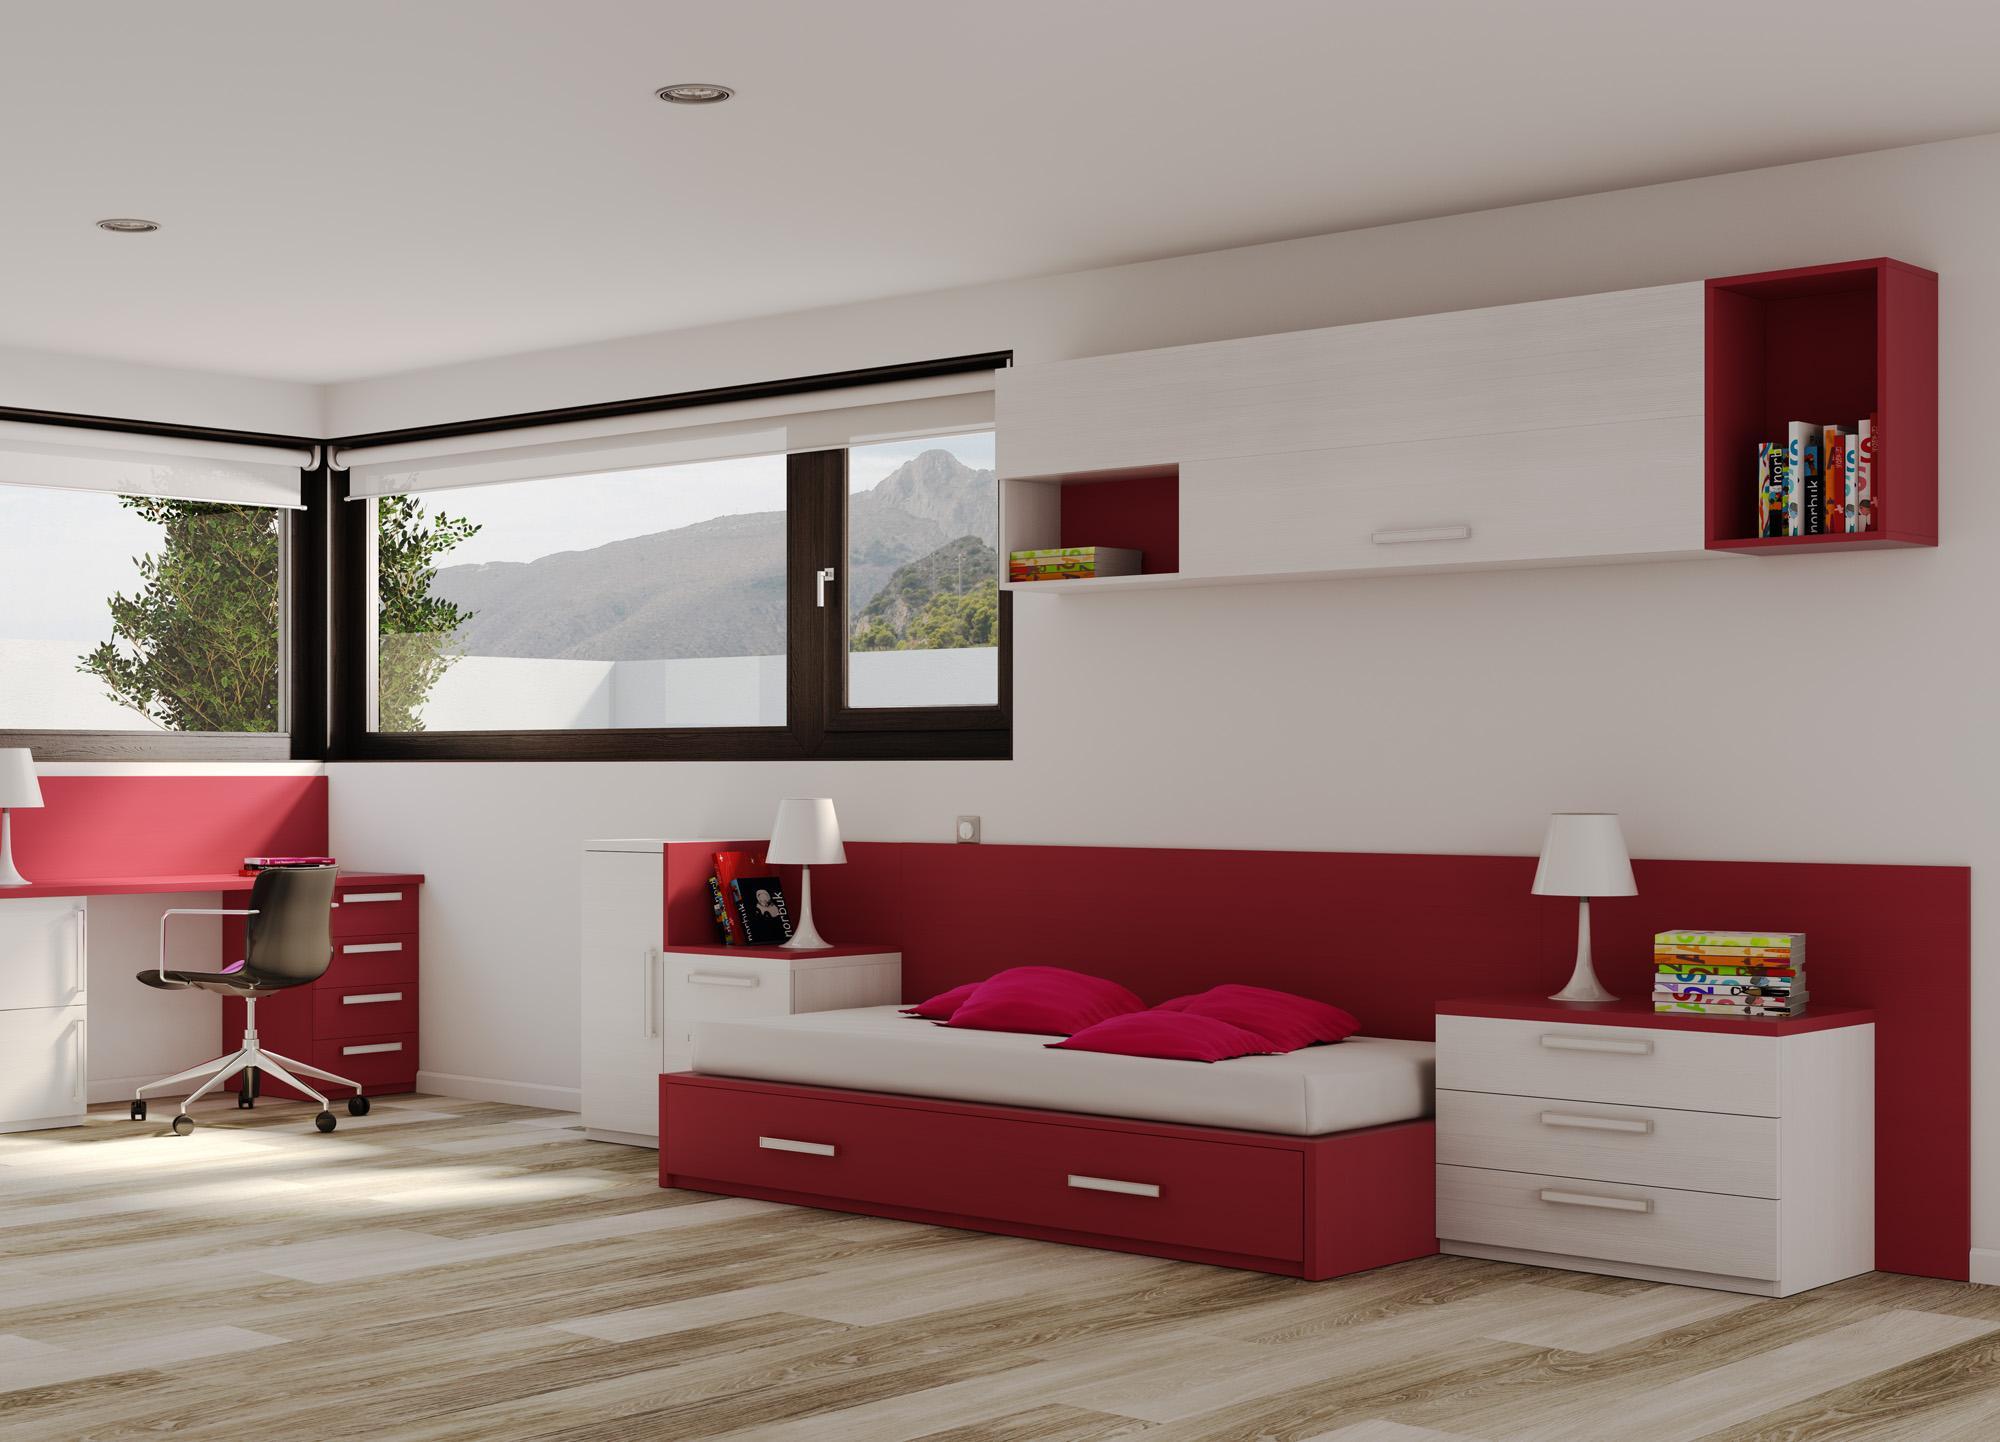 Arredare soggiorno idee - Camerette design bambini ...